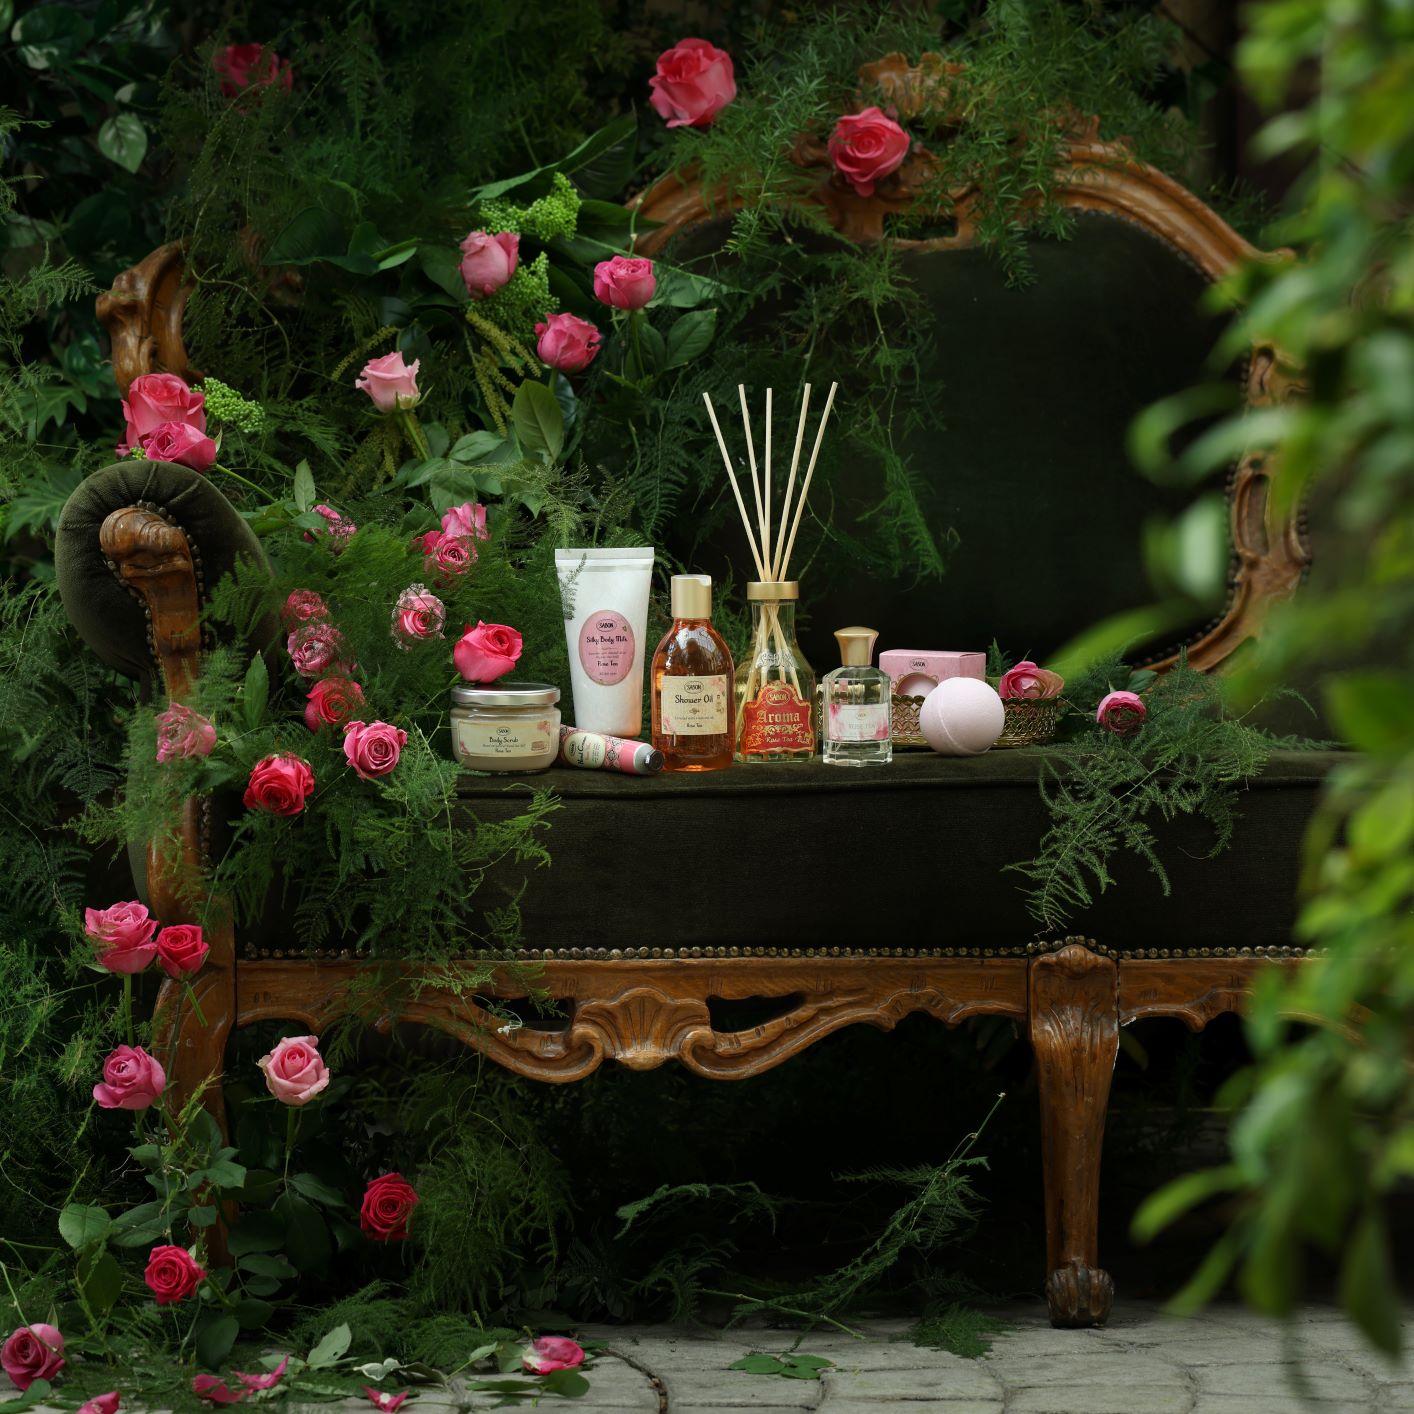 Sabon Festive Roses 2